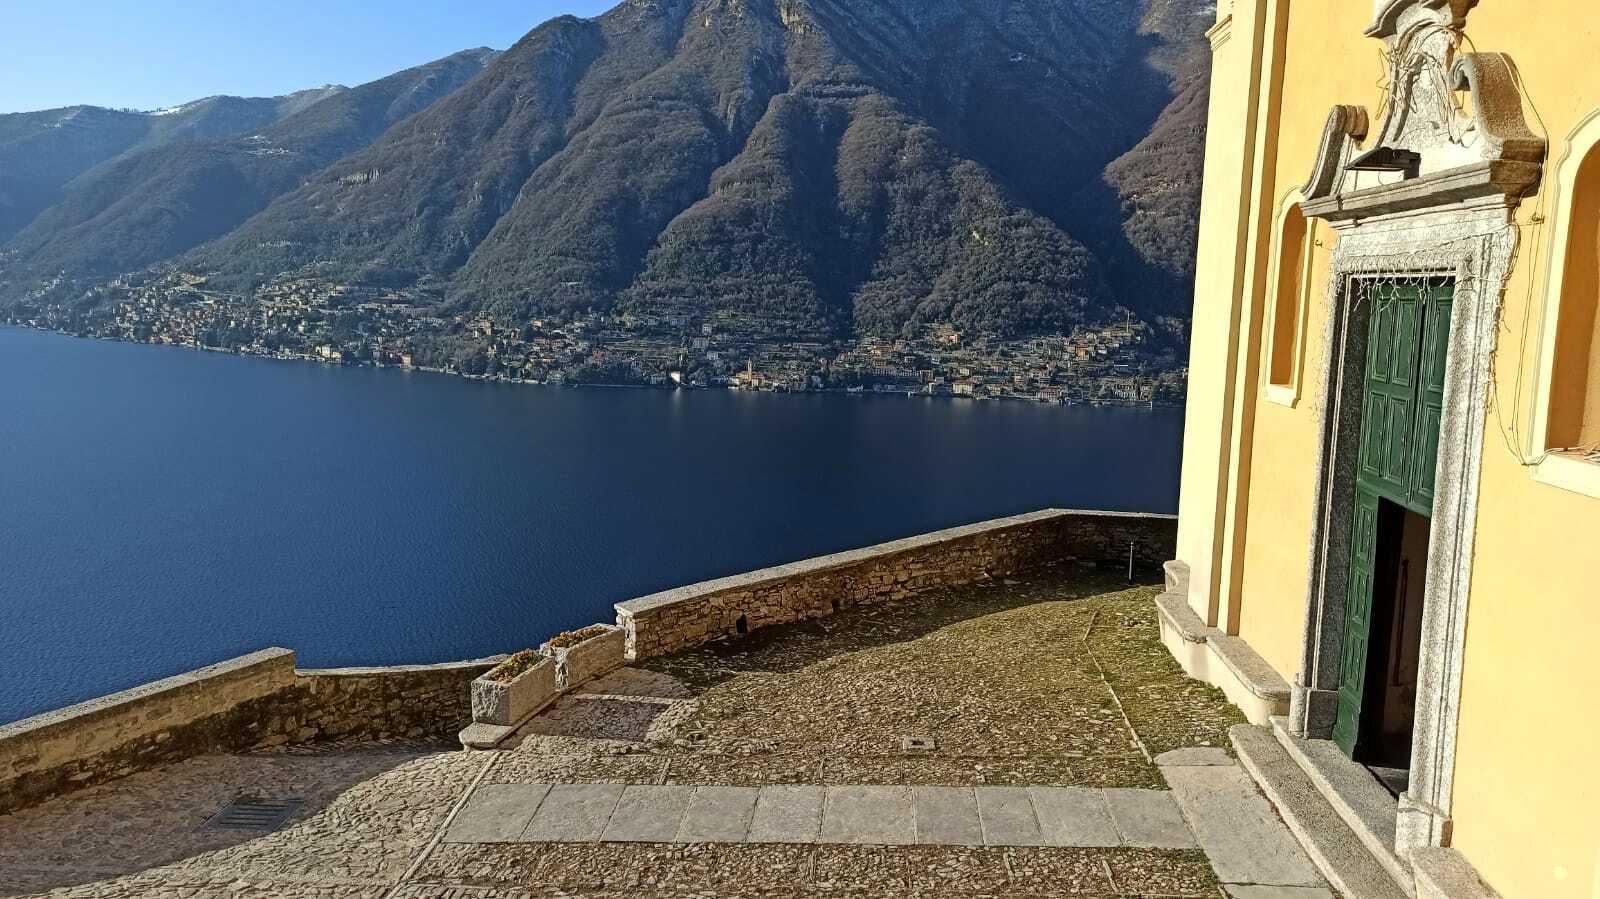 lago como pognana chiesa trinita 2 mp-2